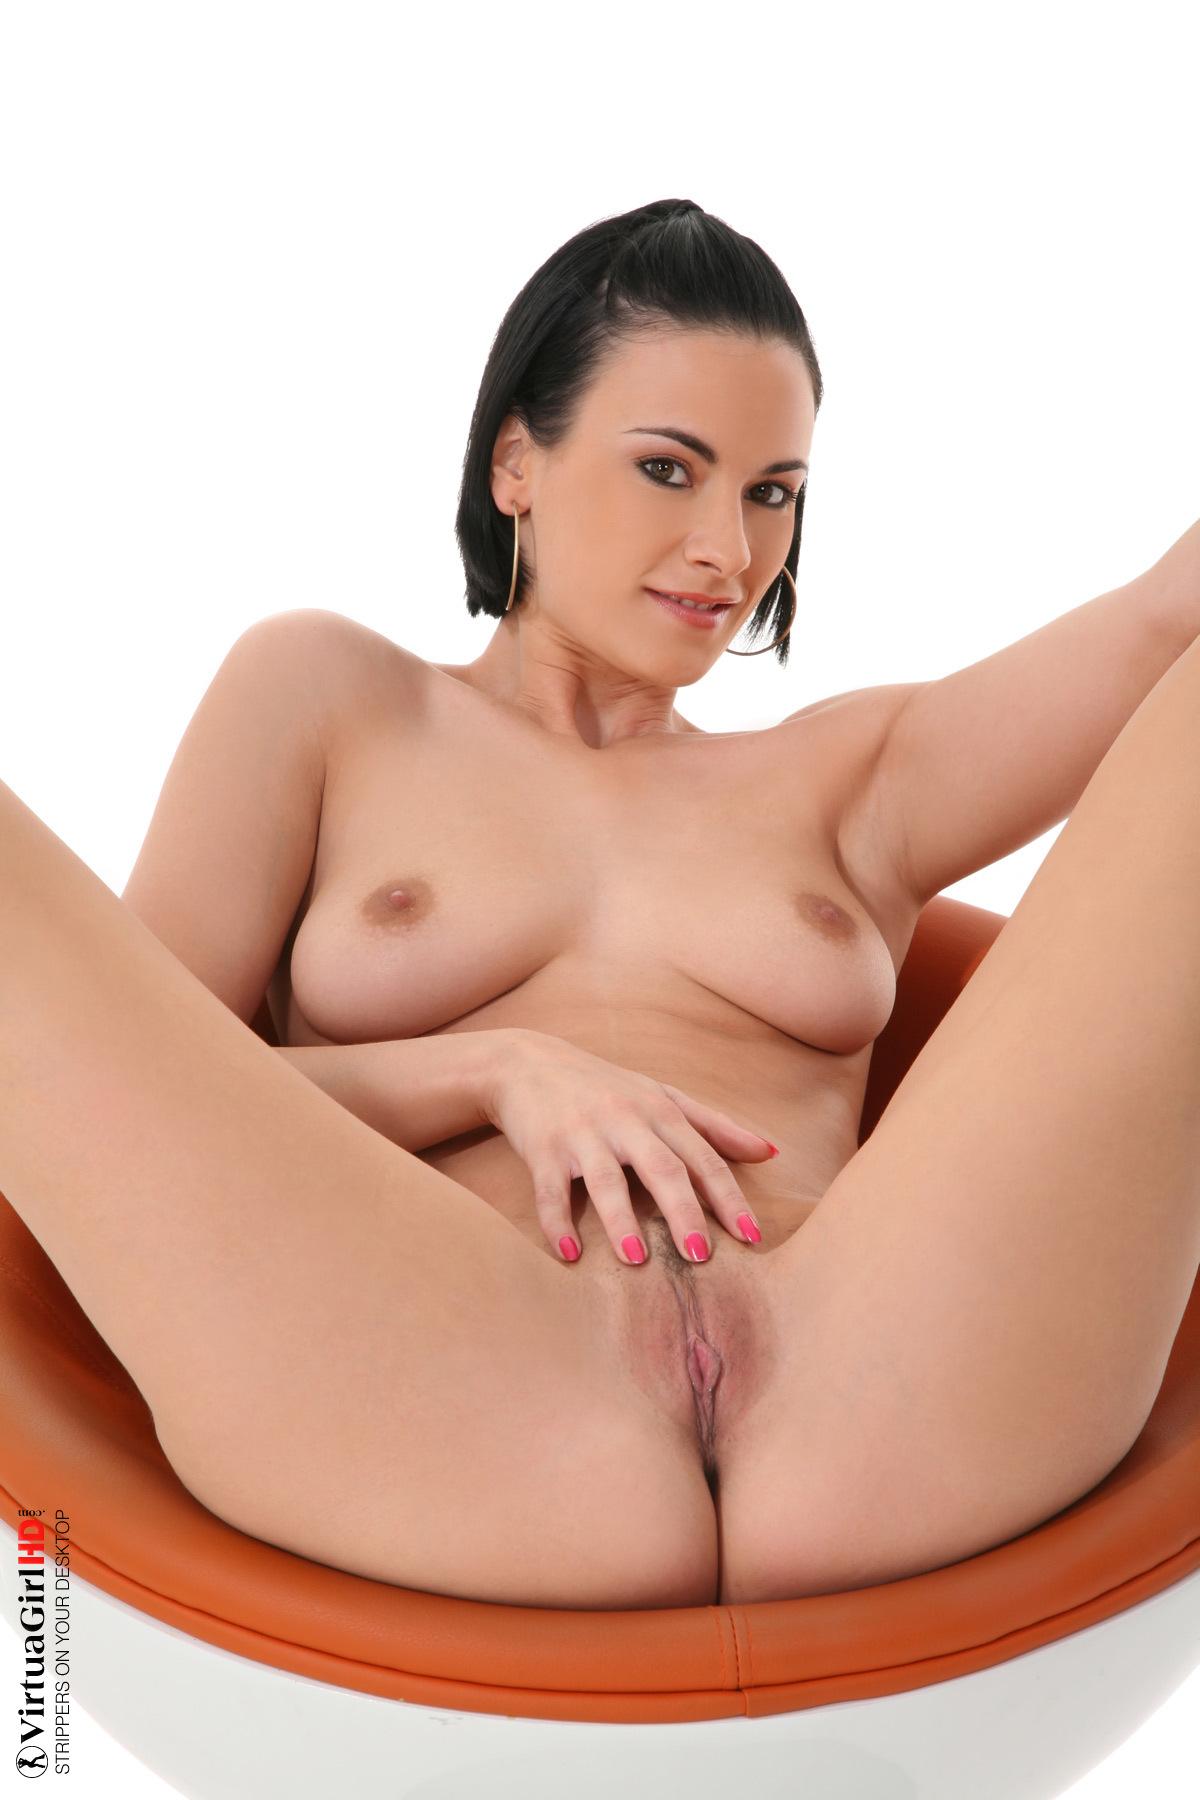 girls boobs wallpaper